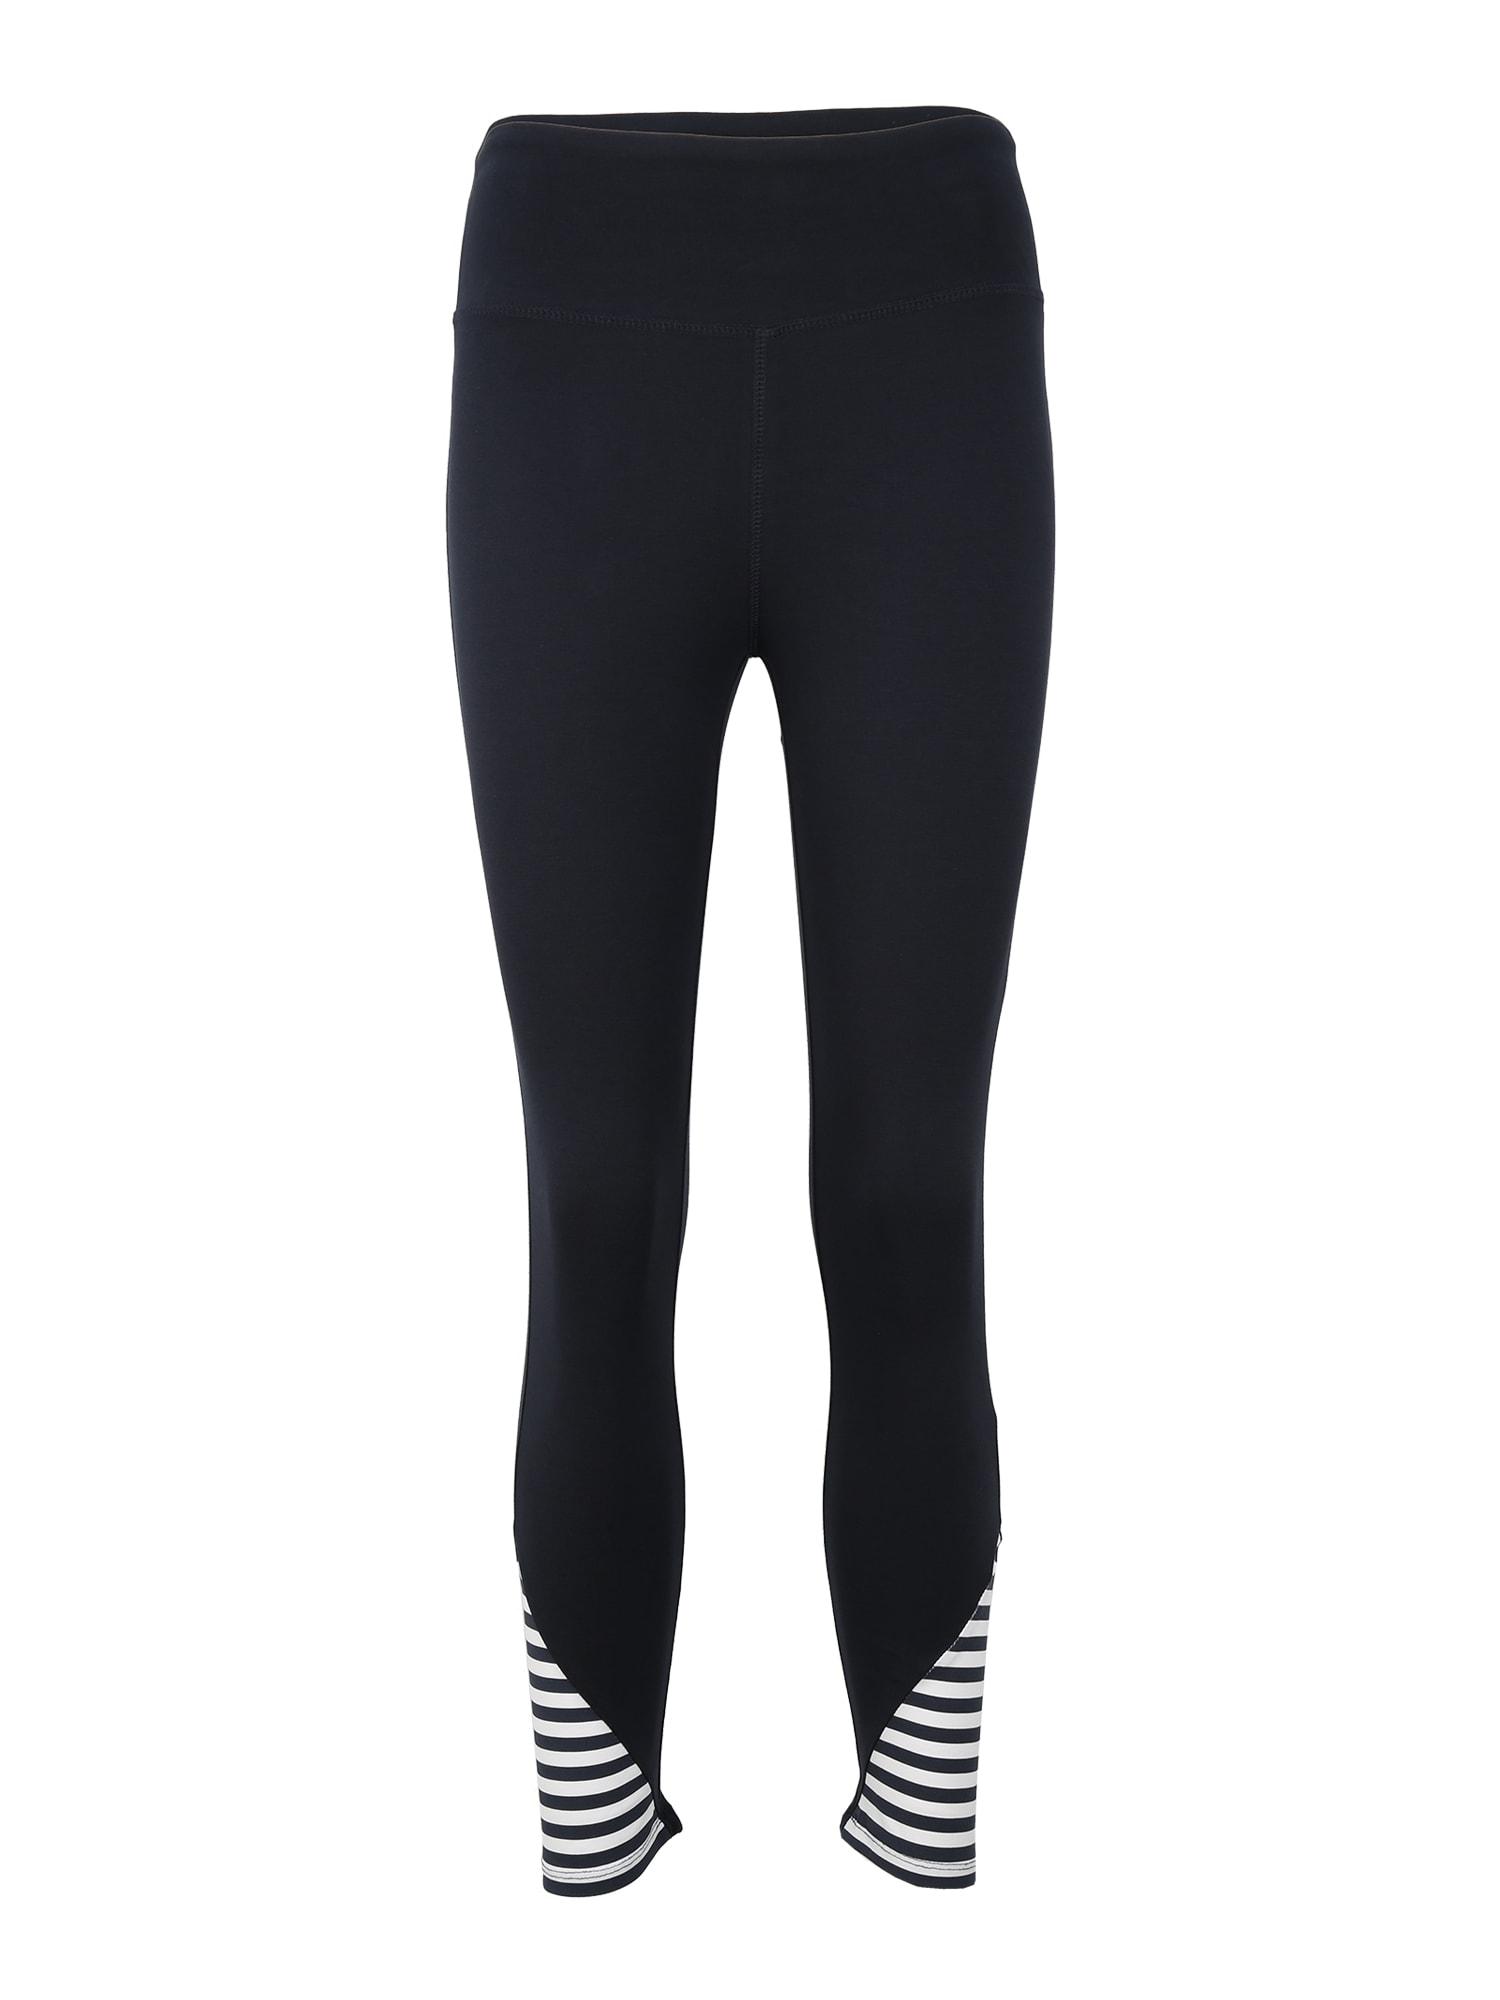 ESPRIT SPORTS Sportinės kelnės 'Ocs' tamsiai mėlyna